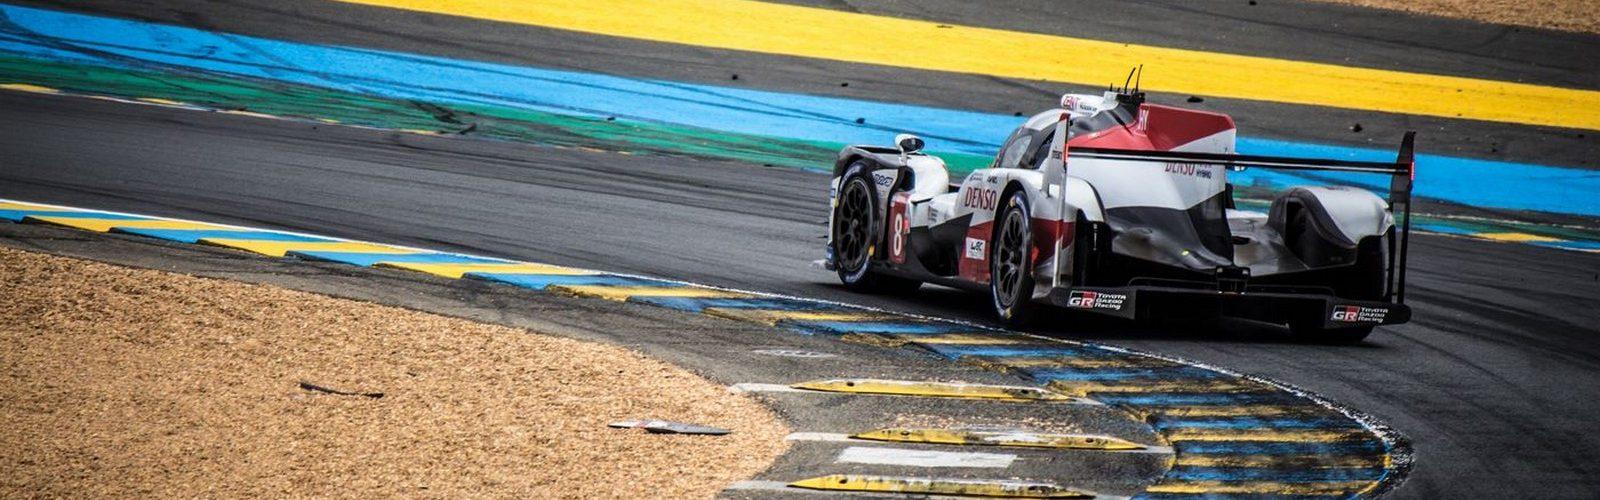 24 Heures du Mans 2018 LMP1